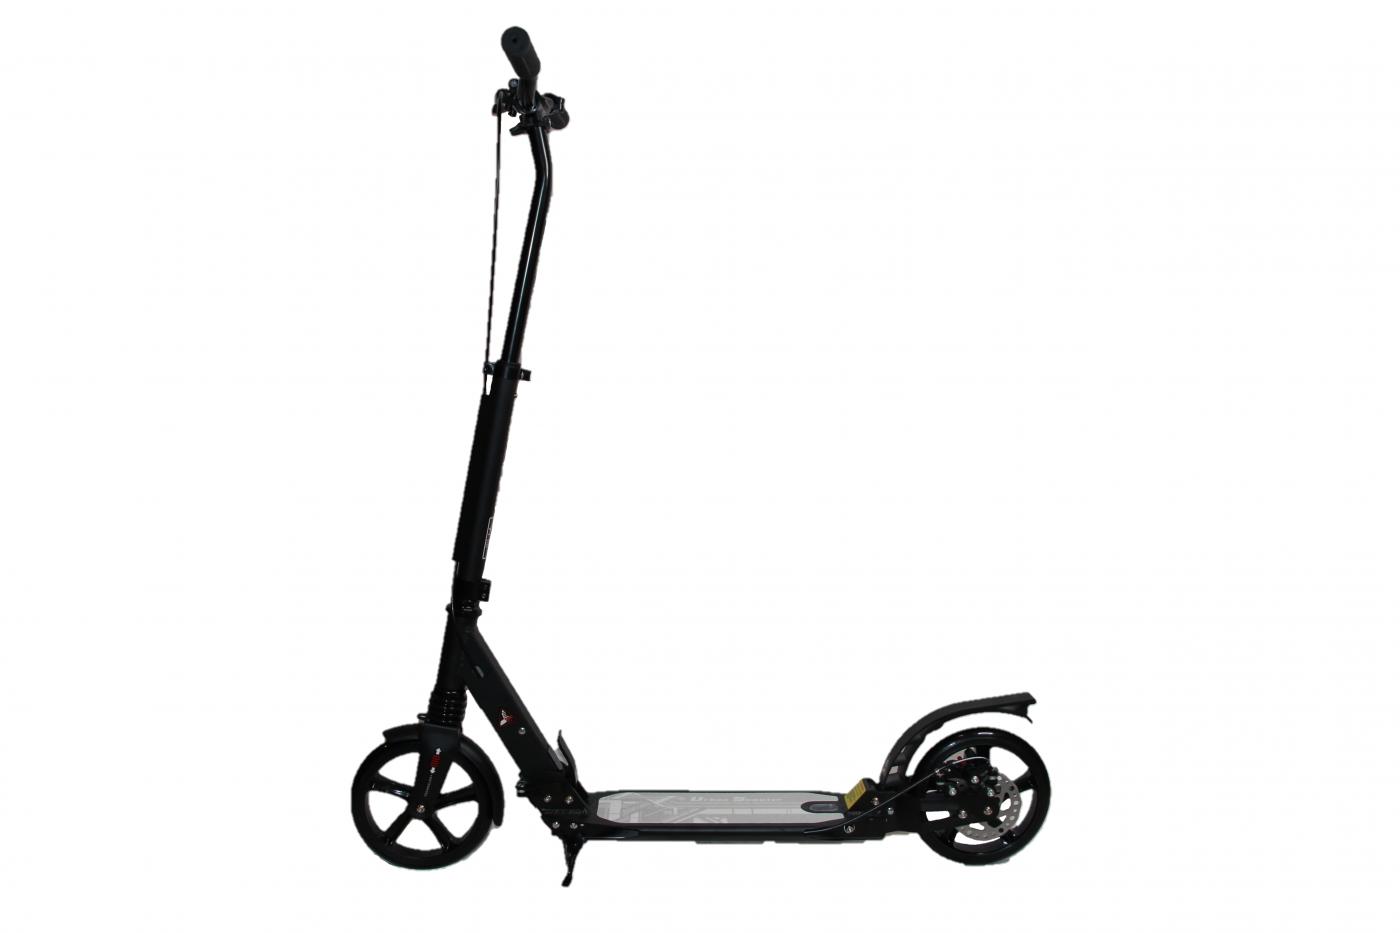 Самокат для взрослых и подростков с дисковым тормозом Scooter Urban 9X Town Section